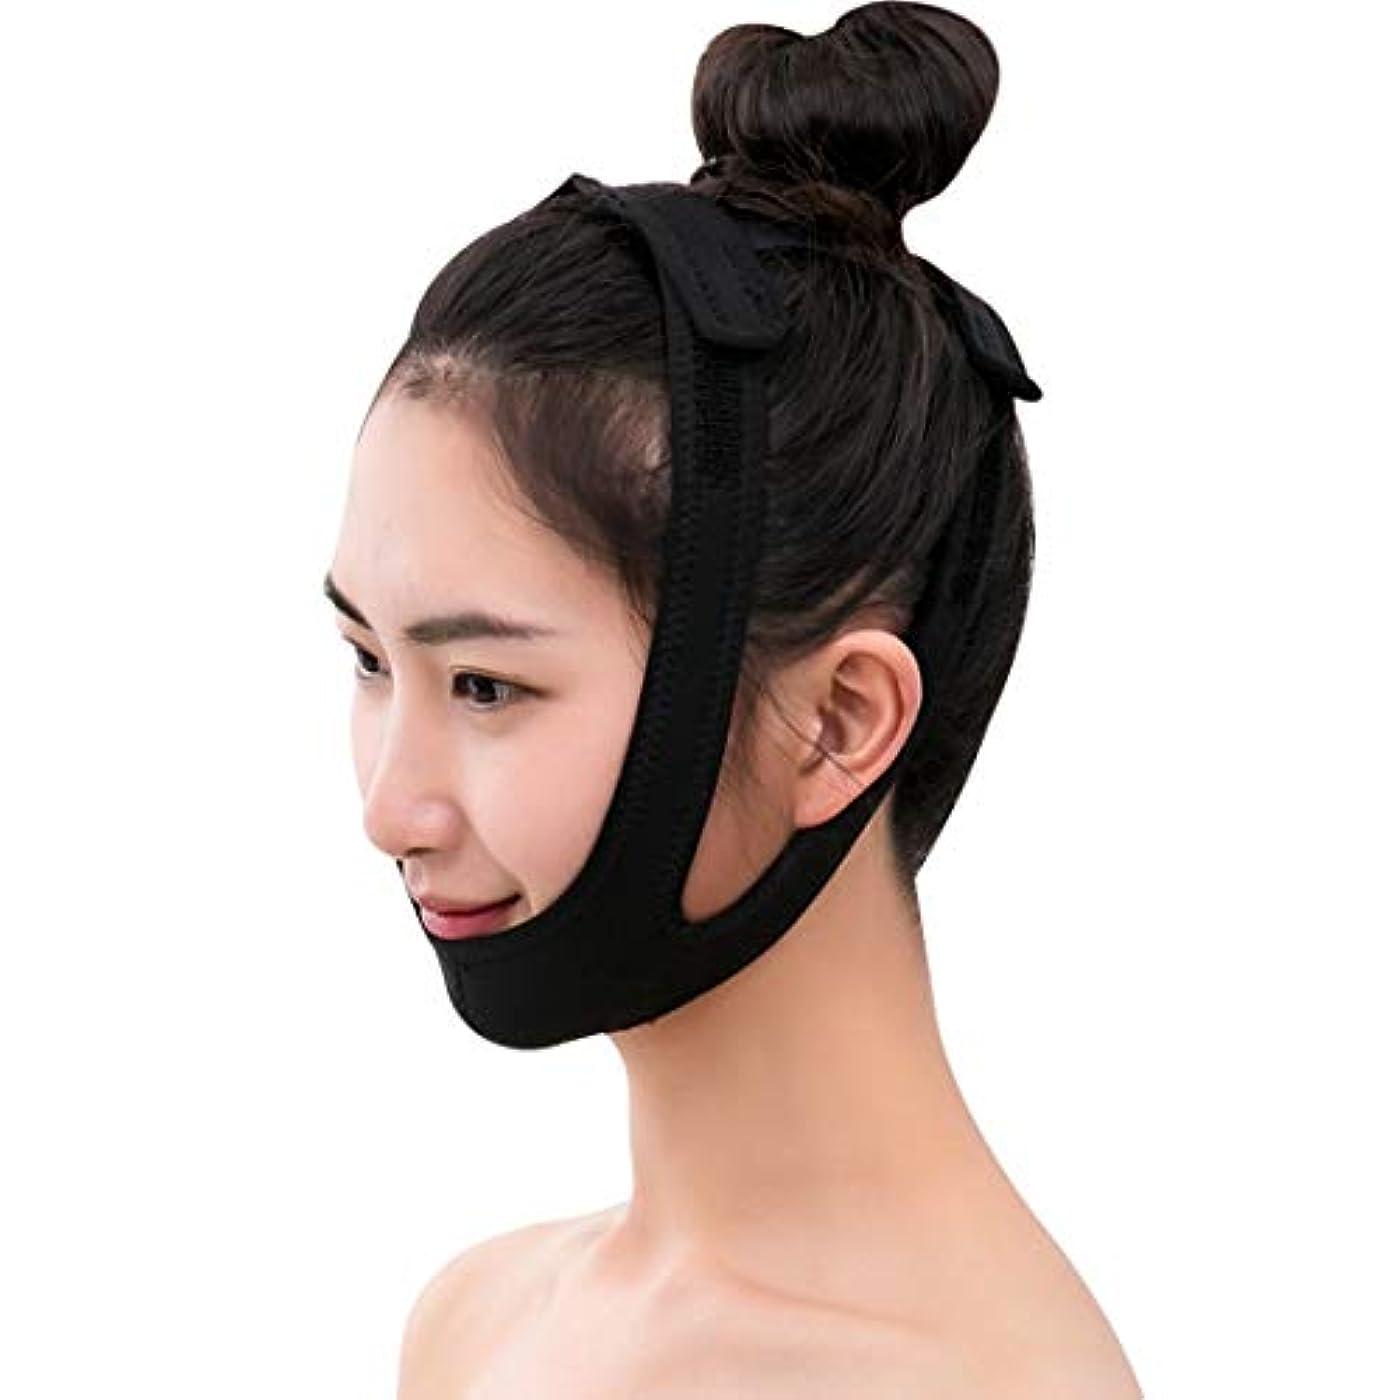 毎回してはいけません交換可能ZWBD フェイスマスク, フェイスリフティング包帯マスク小さなVフェイス包帯はツールで引くことができます睡眠薄い顔の顔の持ち上がる美顔のマッサージ調整可能なサイズブラック